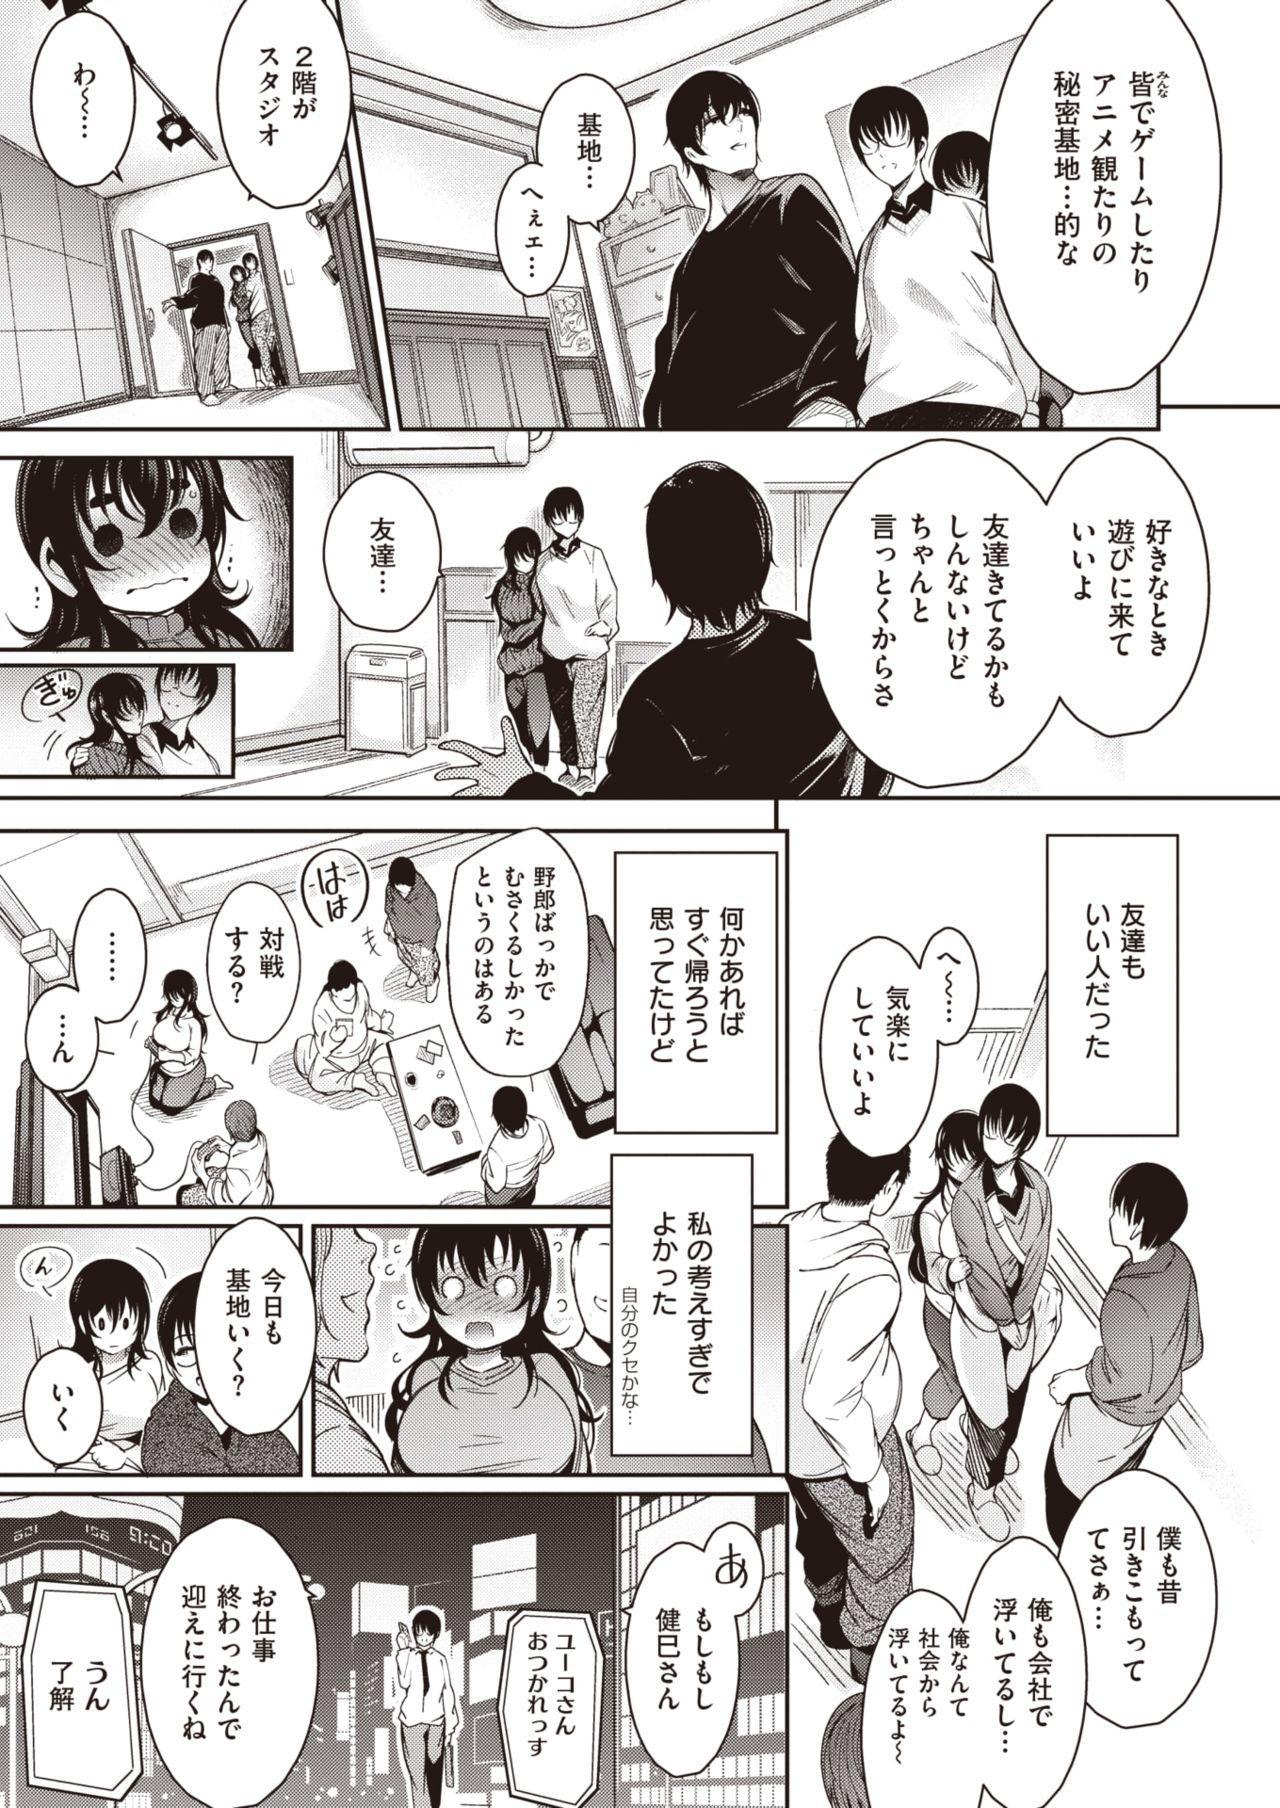 COMIC Kairakuten 25 Shuunen kinen tokubetsugou 418